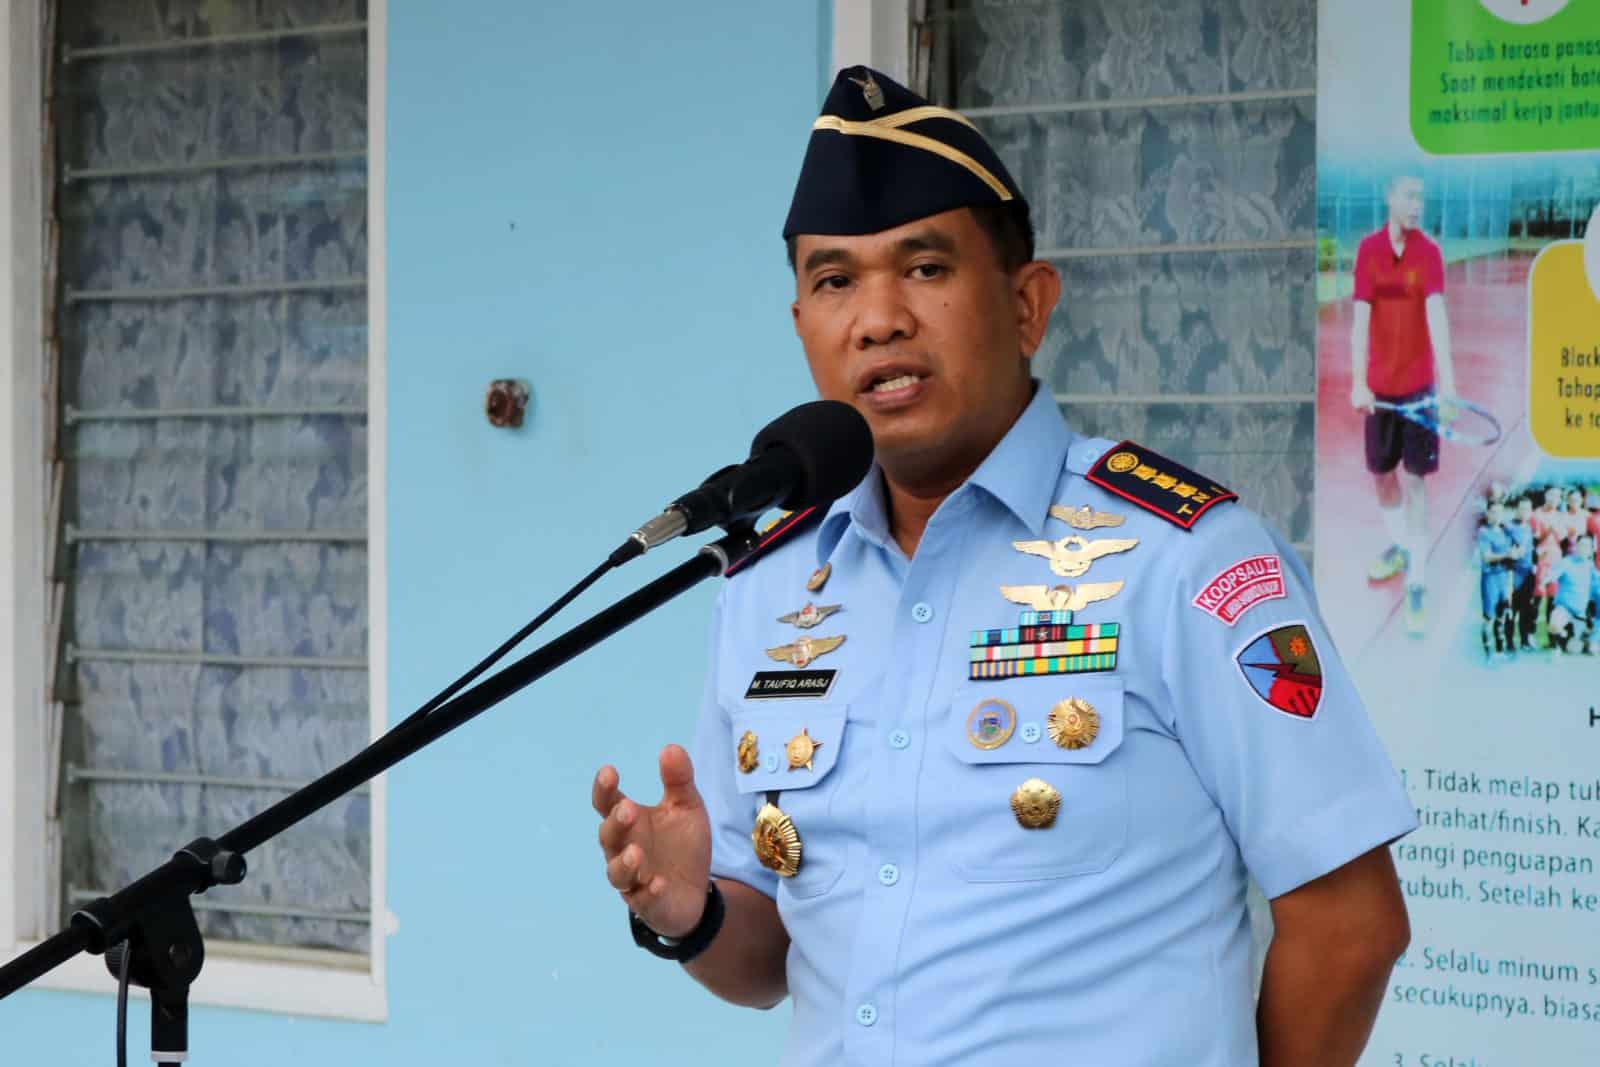 """Komandan Lanud Sjamsudin Noor ; """"Jadilah Prajurit Yang Produktif, Kreatif dan Inovatif """""""